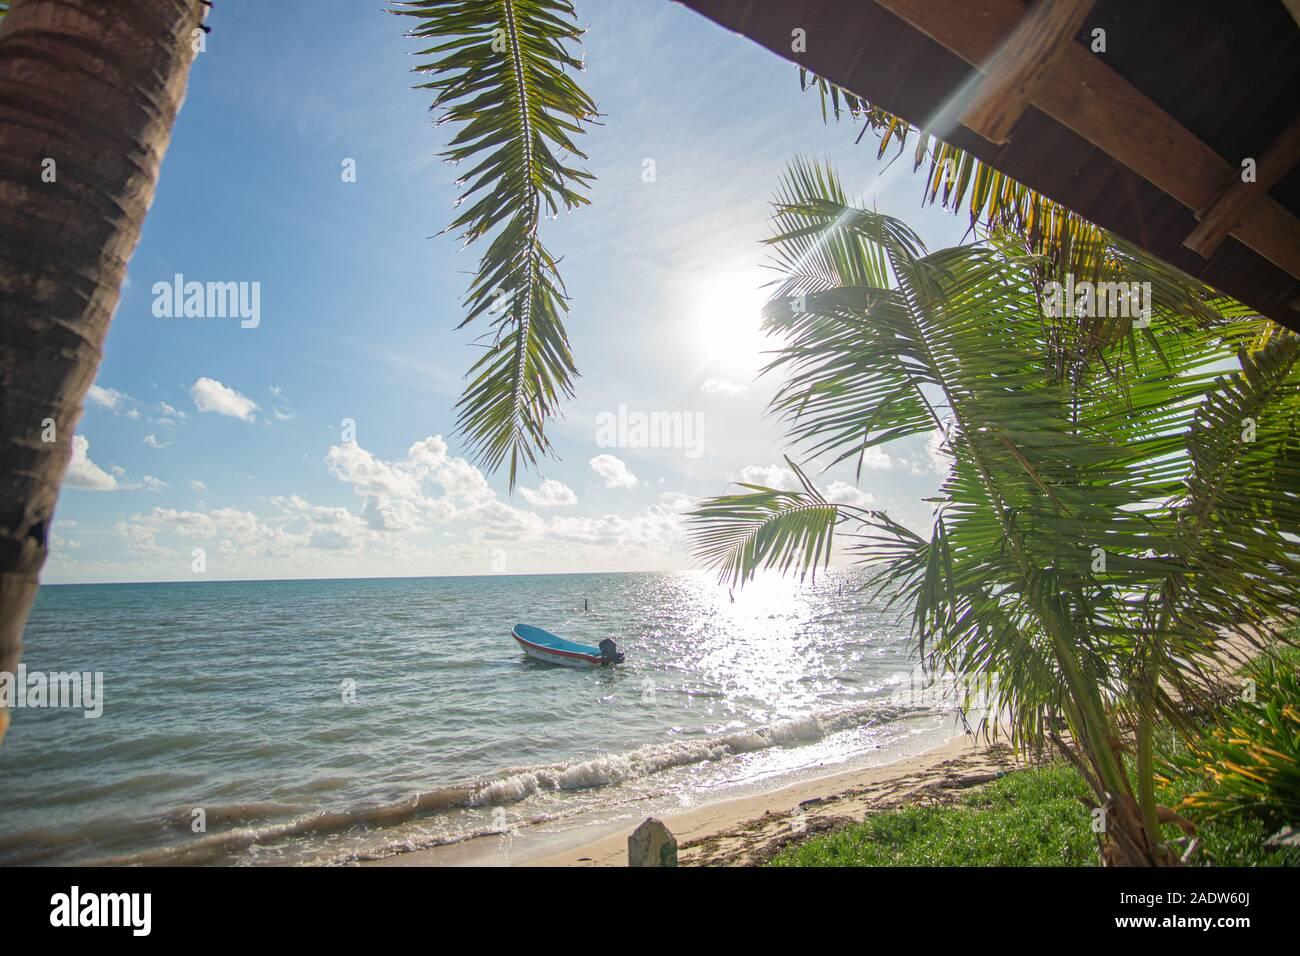 Plage paradisiaque de Punta Allen à la mer des Caraïbes Banque D'Images